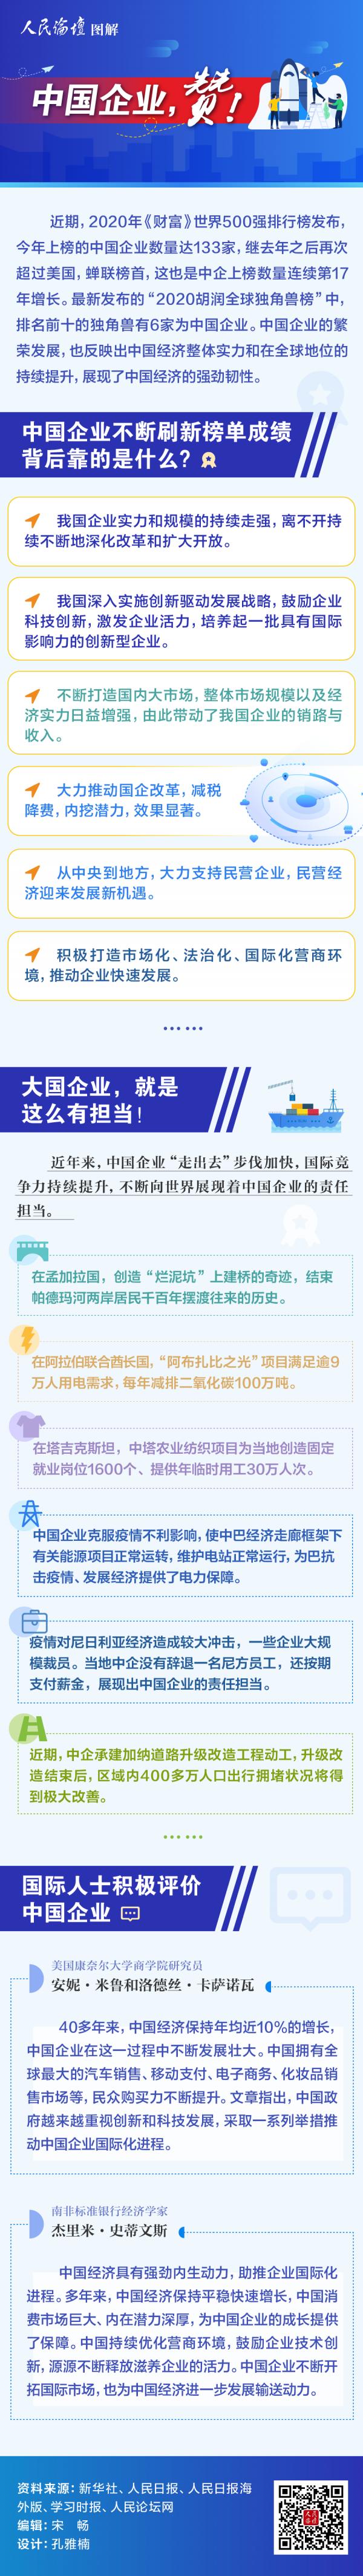 人民论坛图解 | 中国企业,赞!